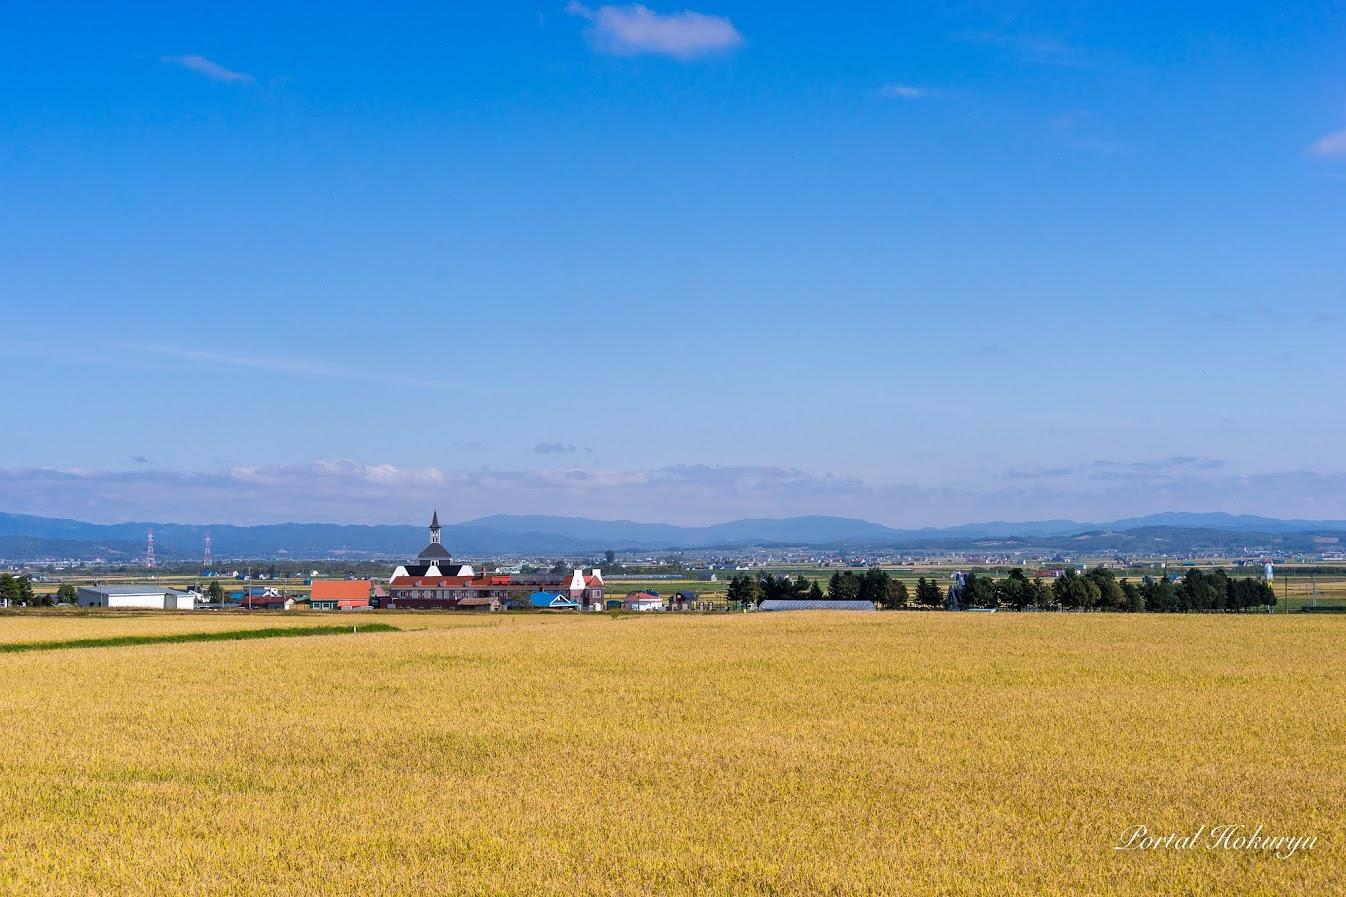 黄金の稲穂パワーが満ち溢れる北竜町の風景